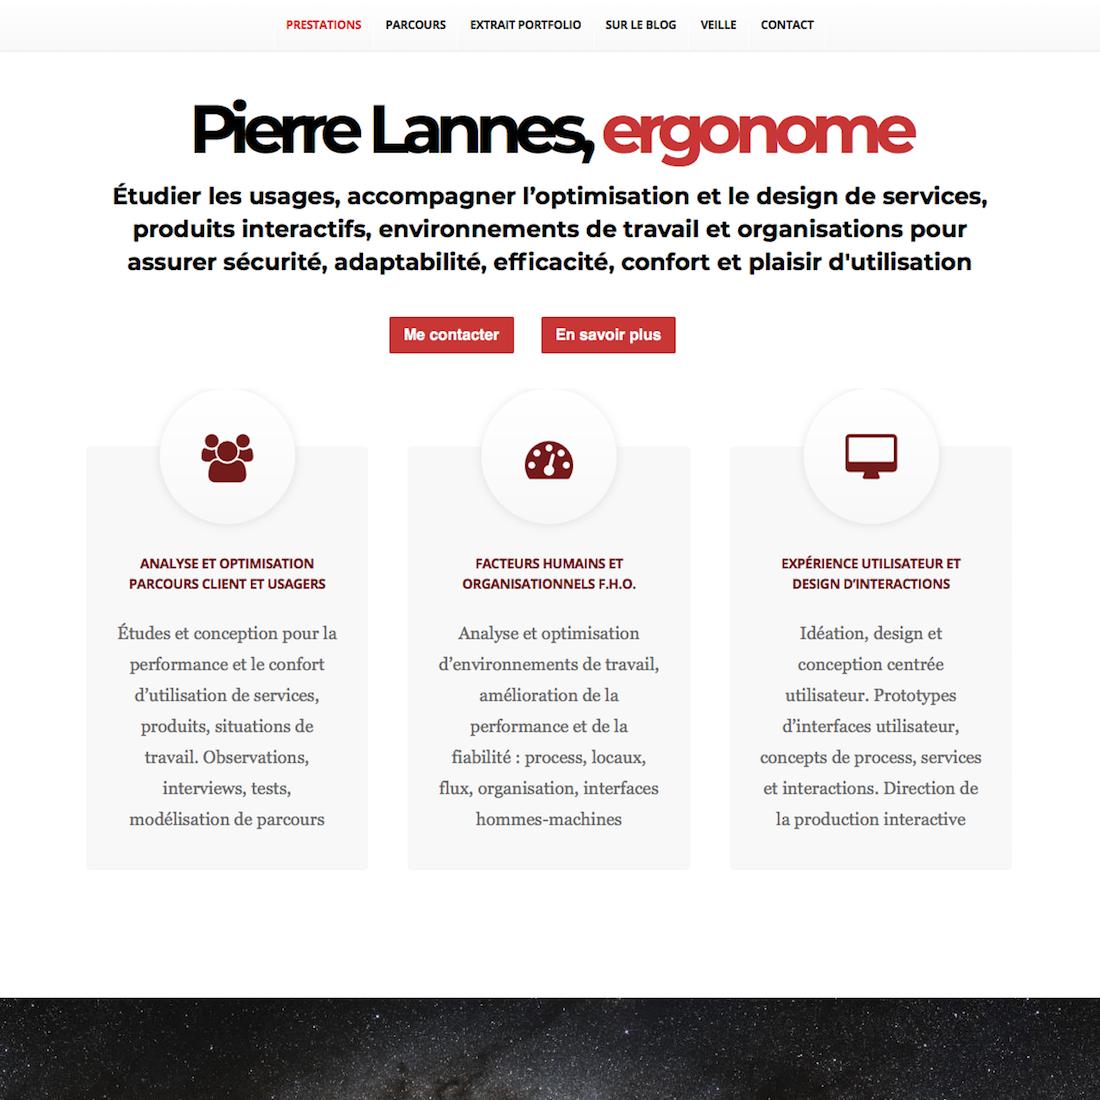 Capture écran de la partie visible de la page d'accueil 2016